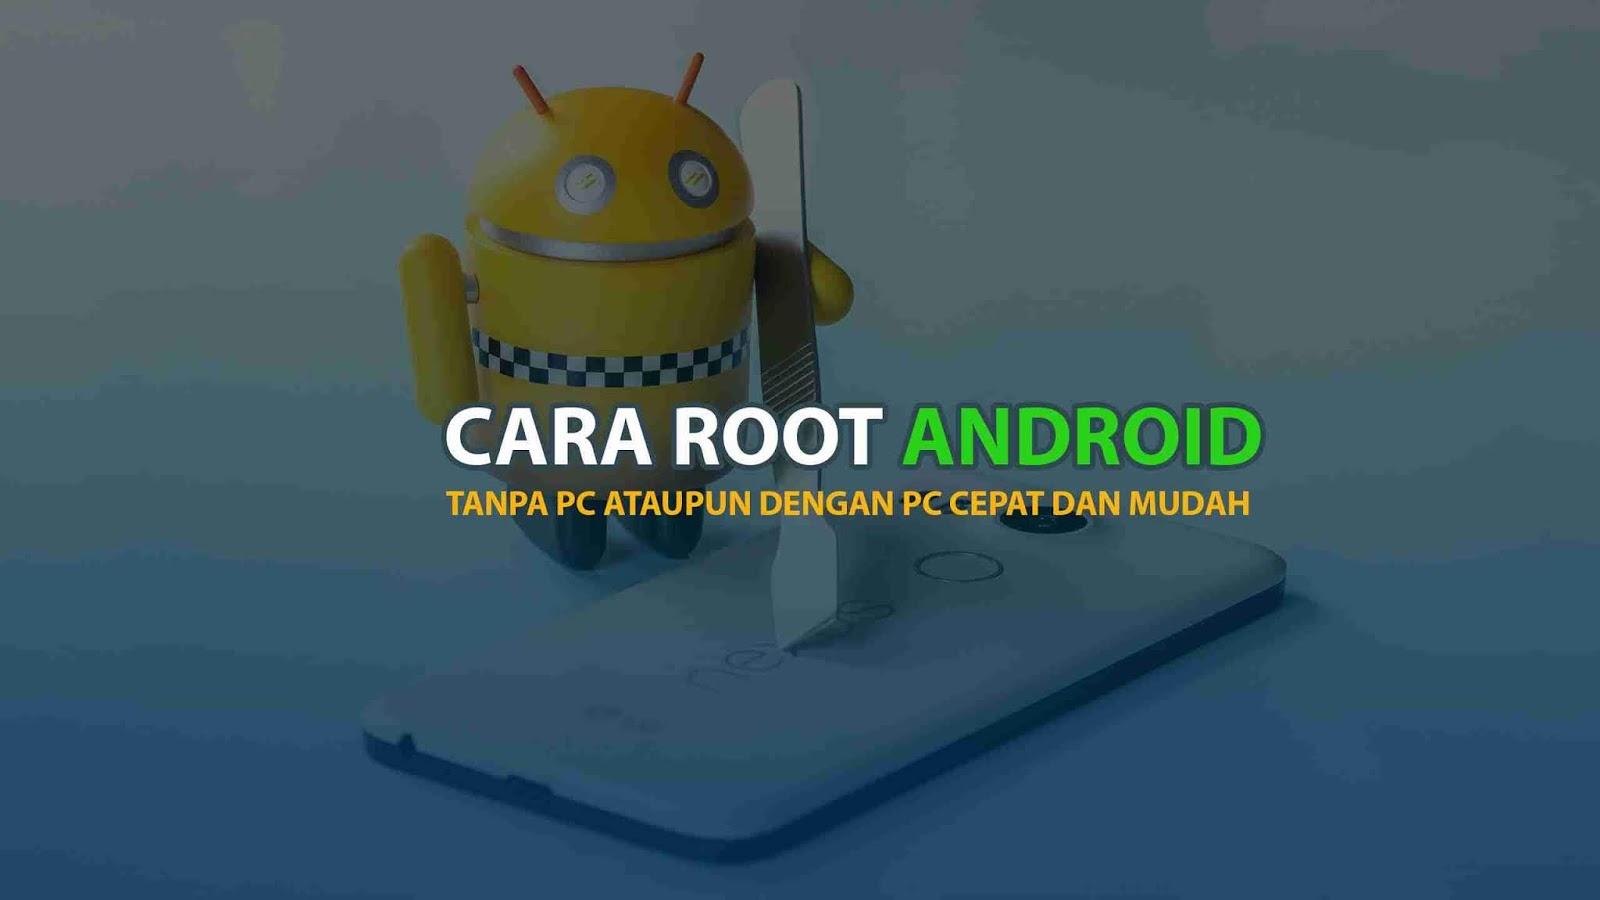 Cara Root Android tanpa PC atau dengan PC mudah | Works 100%